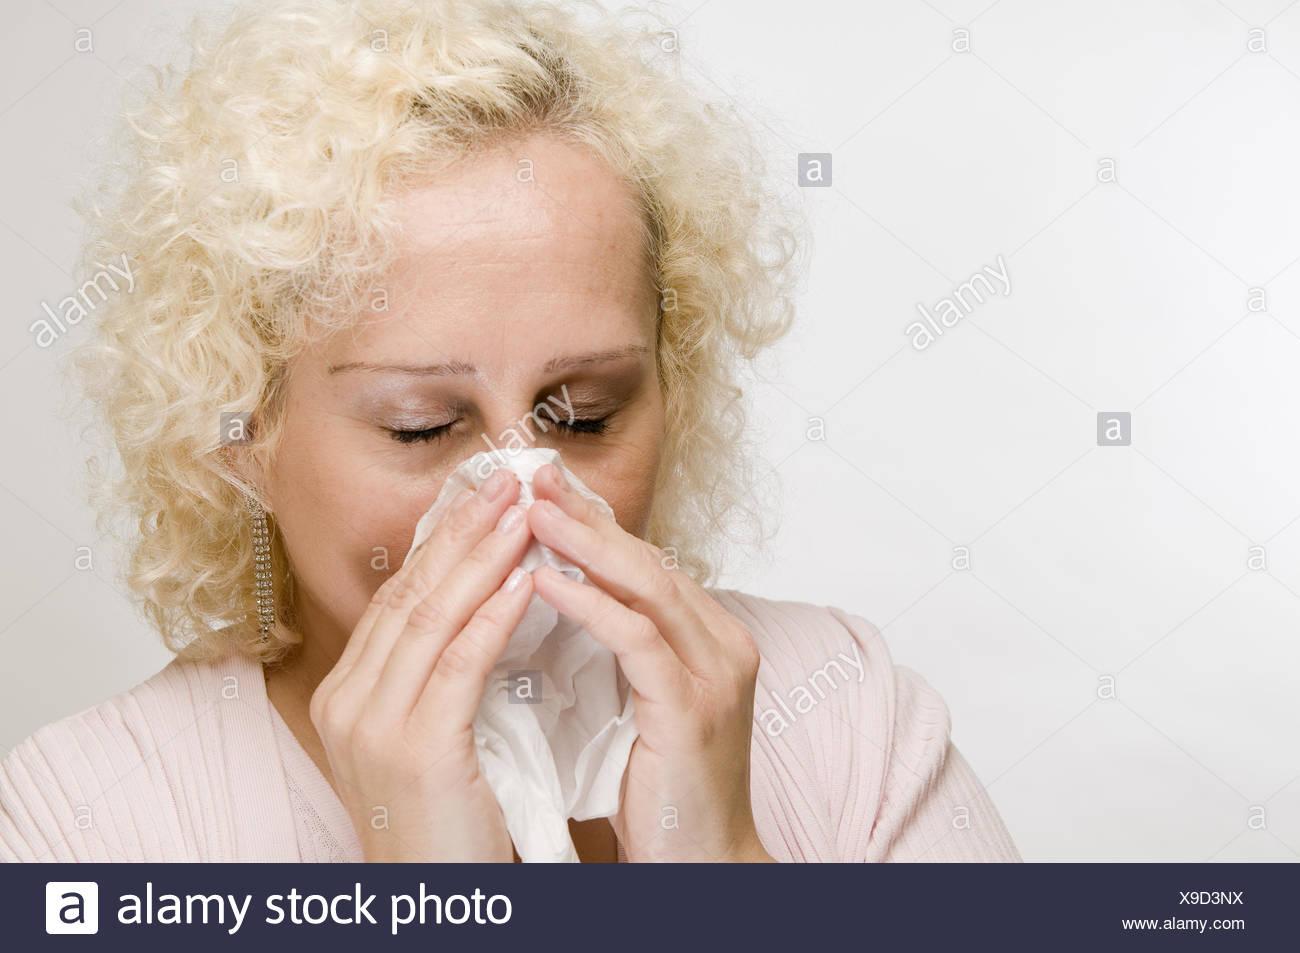 Menschliche Nase Photos & Menschliche Nase Images - Alamy